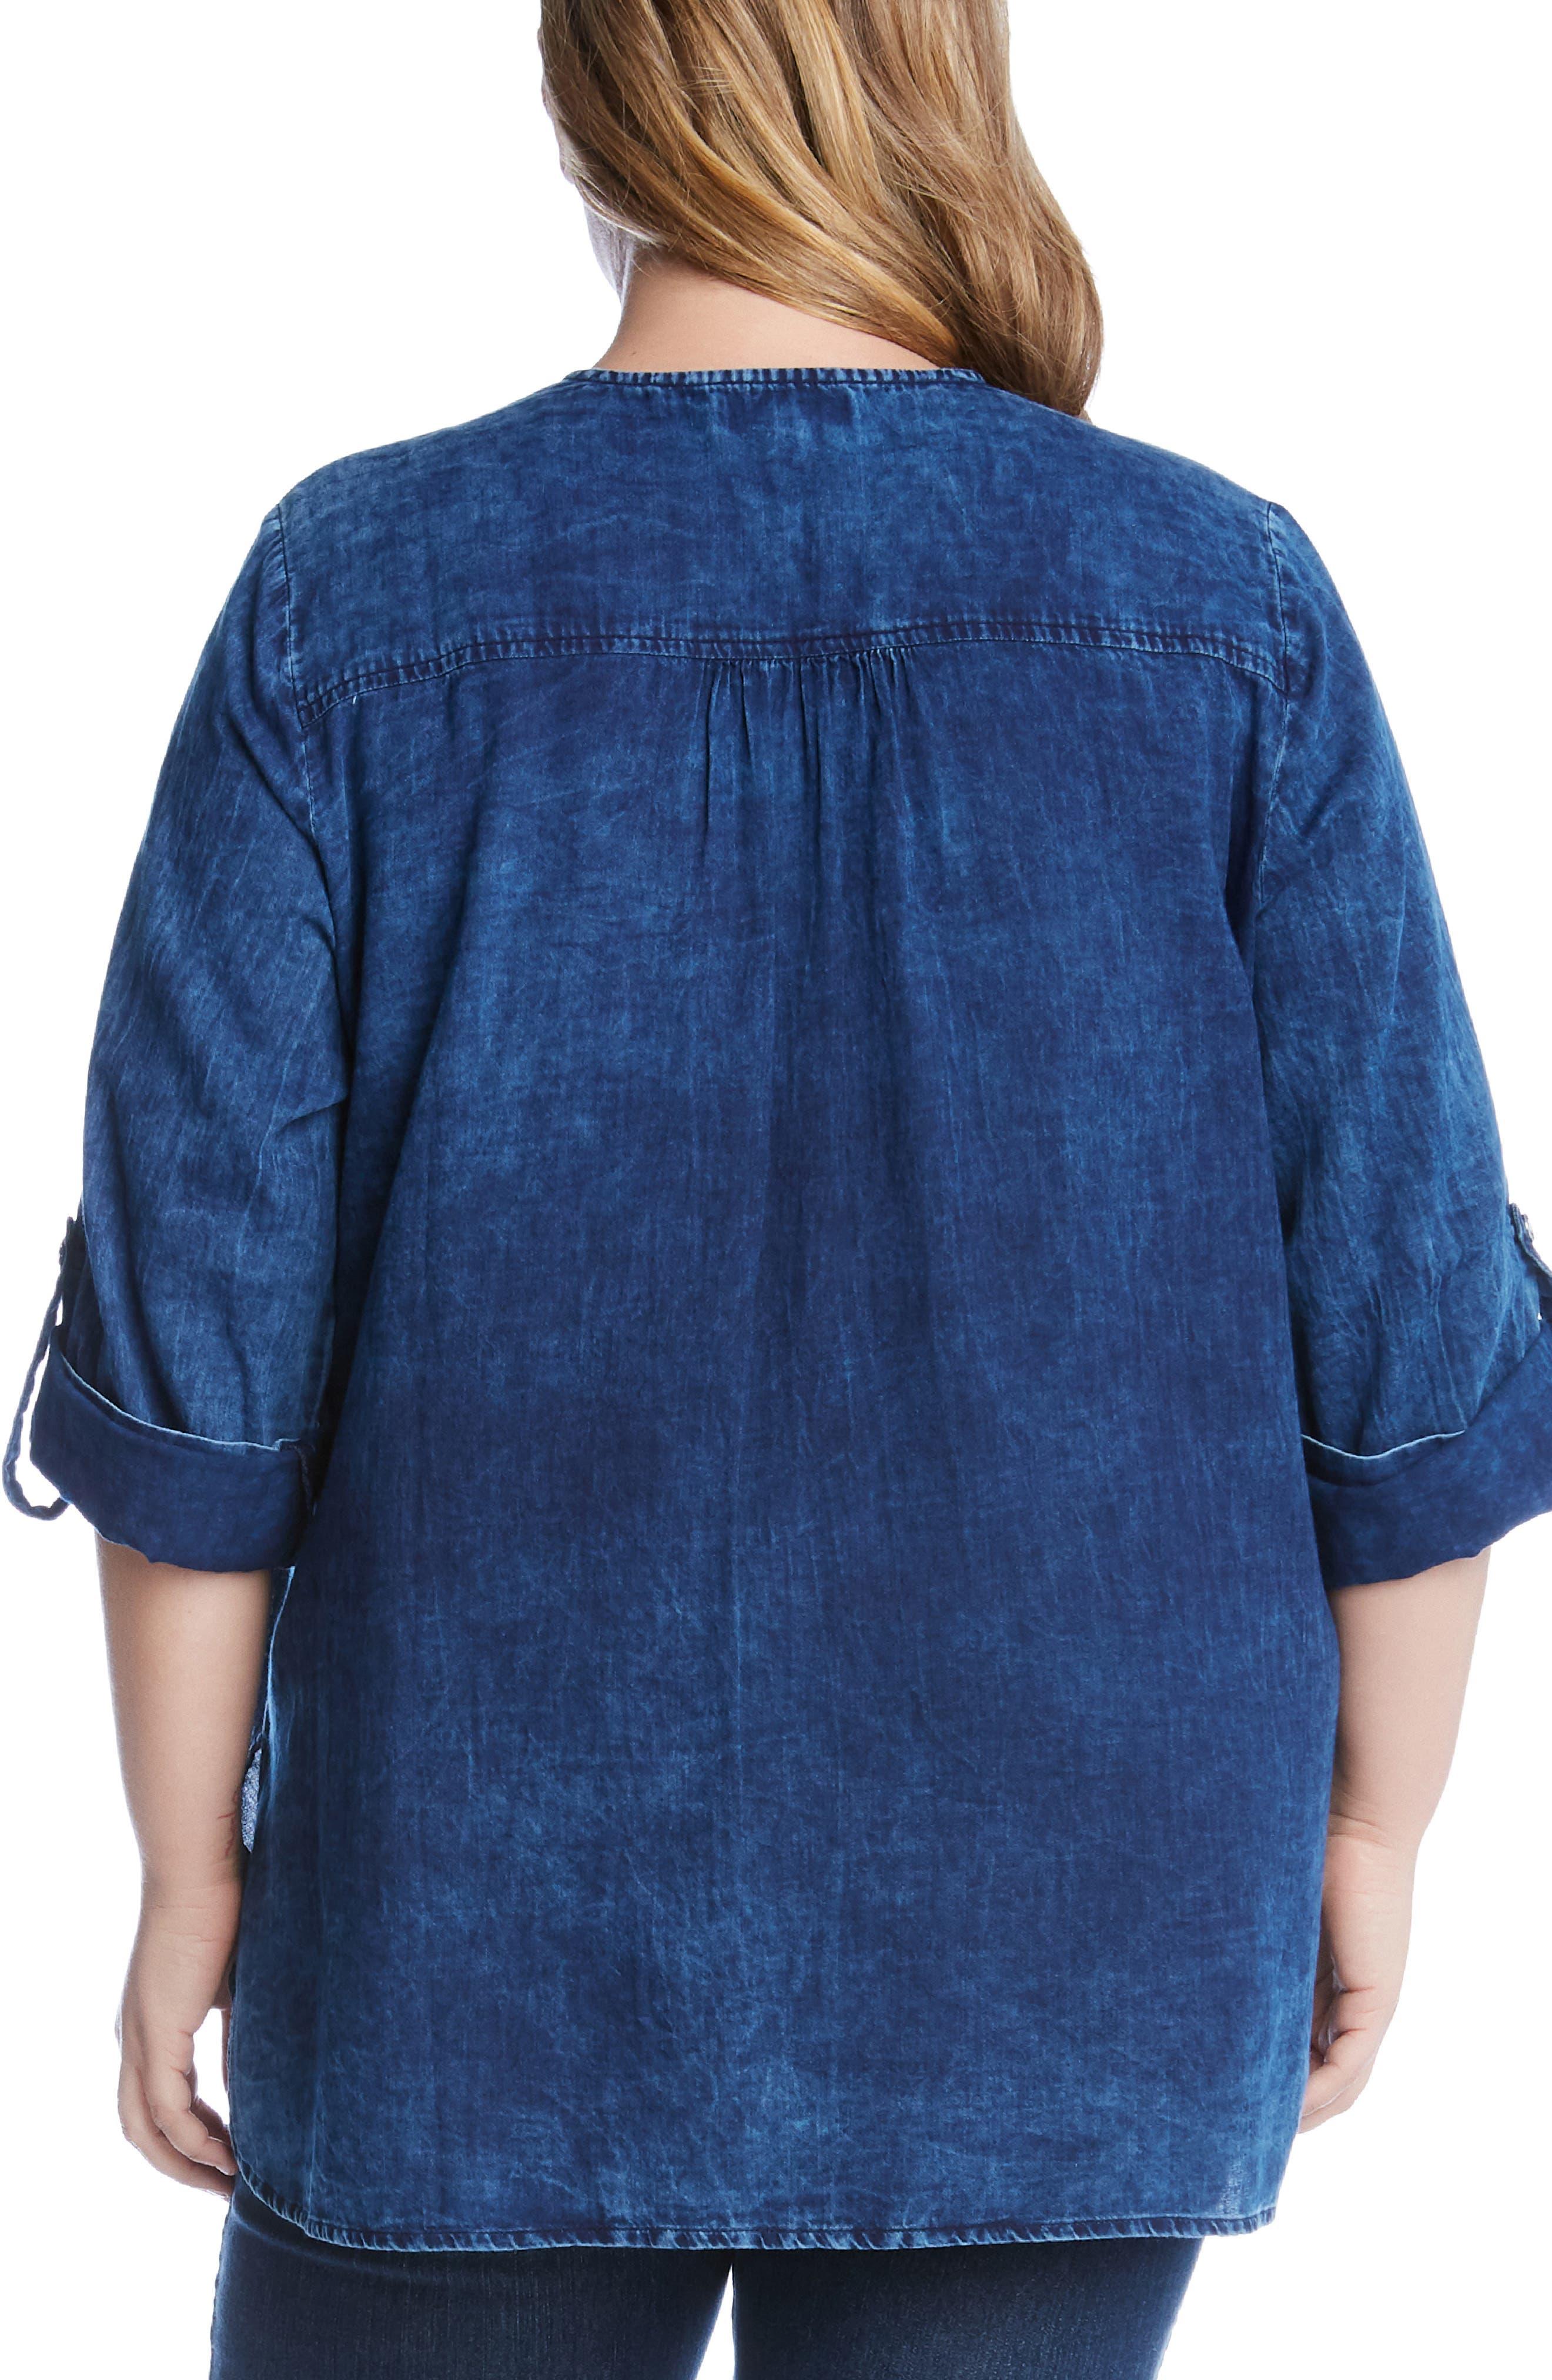 KAREN KANE, High/Low Shirttail Denim Top, Alternate thumbnail 2, color, 400